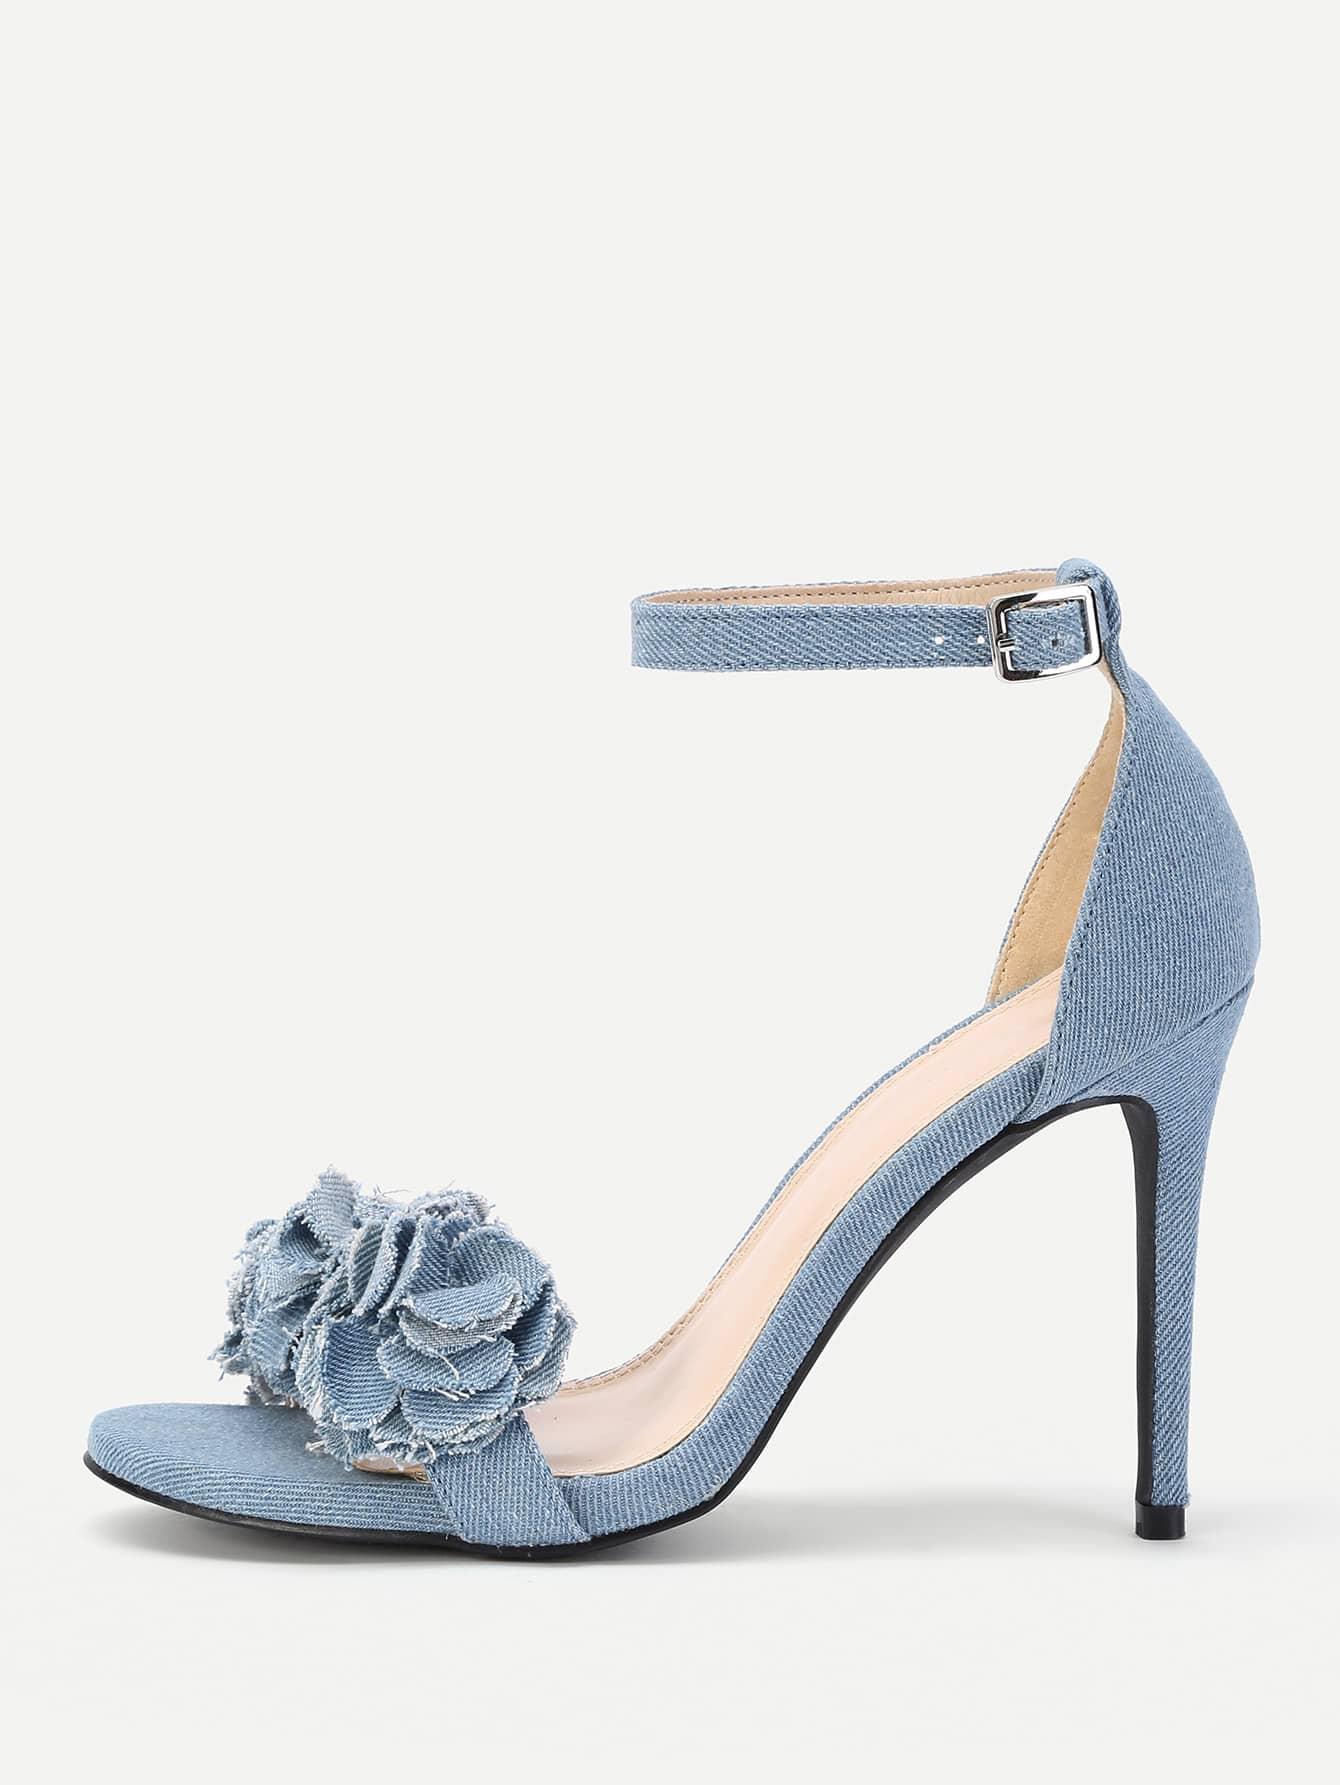 Flower Design Ankle Strap Heeled Sandals shoes17072301